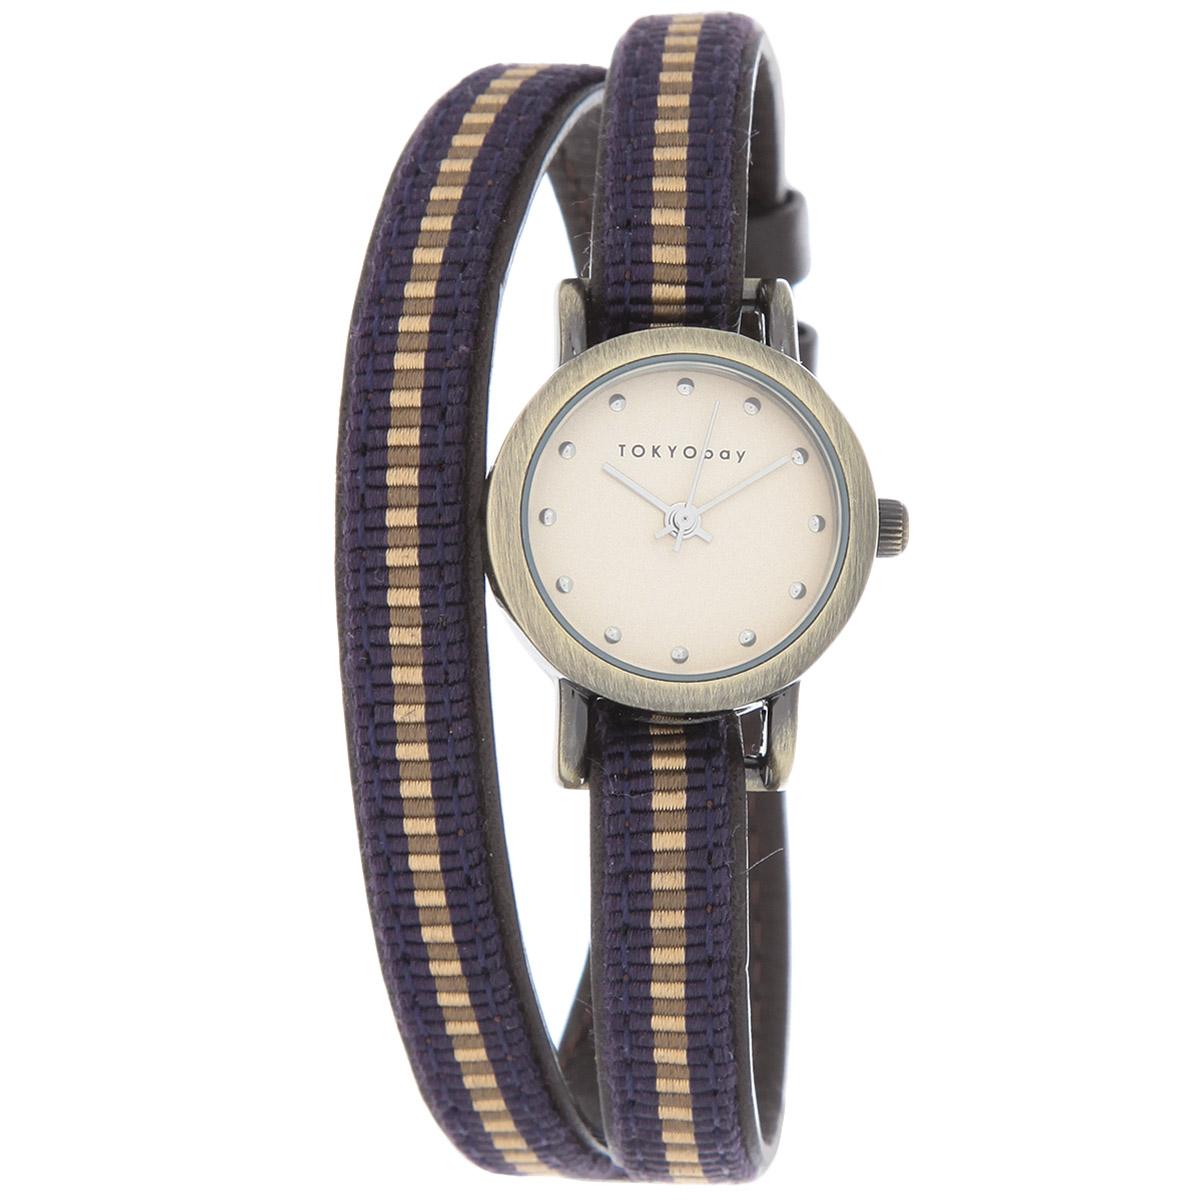 Часы женские наручные Tokyobay Nishiki, цвет: синий. T266-PUT266-PUНаручные часы Tokyobay - это стильное дополнение к вашему неповторимому образу. Эти часы созданы для современных женщин, ценящих стиль, качество и практичность. Часы оснащены японским кварцевым механизмом Miyota. Задняя крышка изготовлена из нержавеющей стали. Корпус изготовлен из металла. Циферблат оформлен металлическими отметками, без цифр, имеются часовая, минутная и секундная стрелки. Ремешок выполнен из кожи и нейлона, застегивается на классическую застежку-пряжку. Часы Tokyobay - это практичный и модный аксессуар, который подчеркнет ваш безупречный вкус. Характеристики: Корпус: 2,2 х 2,2 х 0,7 см. Размер ремешка: 37 х 0,8 см. Не содержит никель. Не водостойкие.